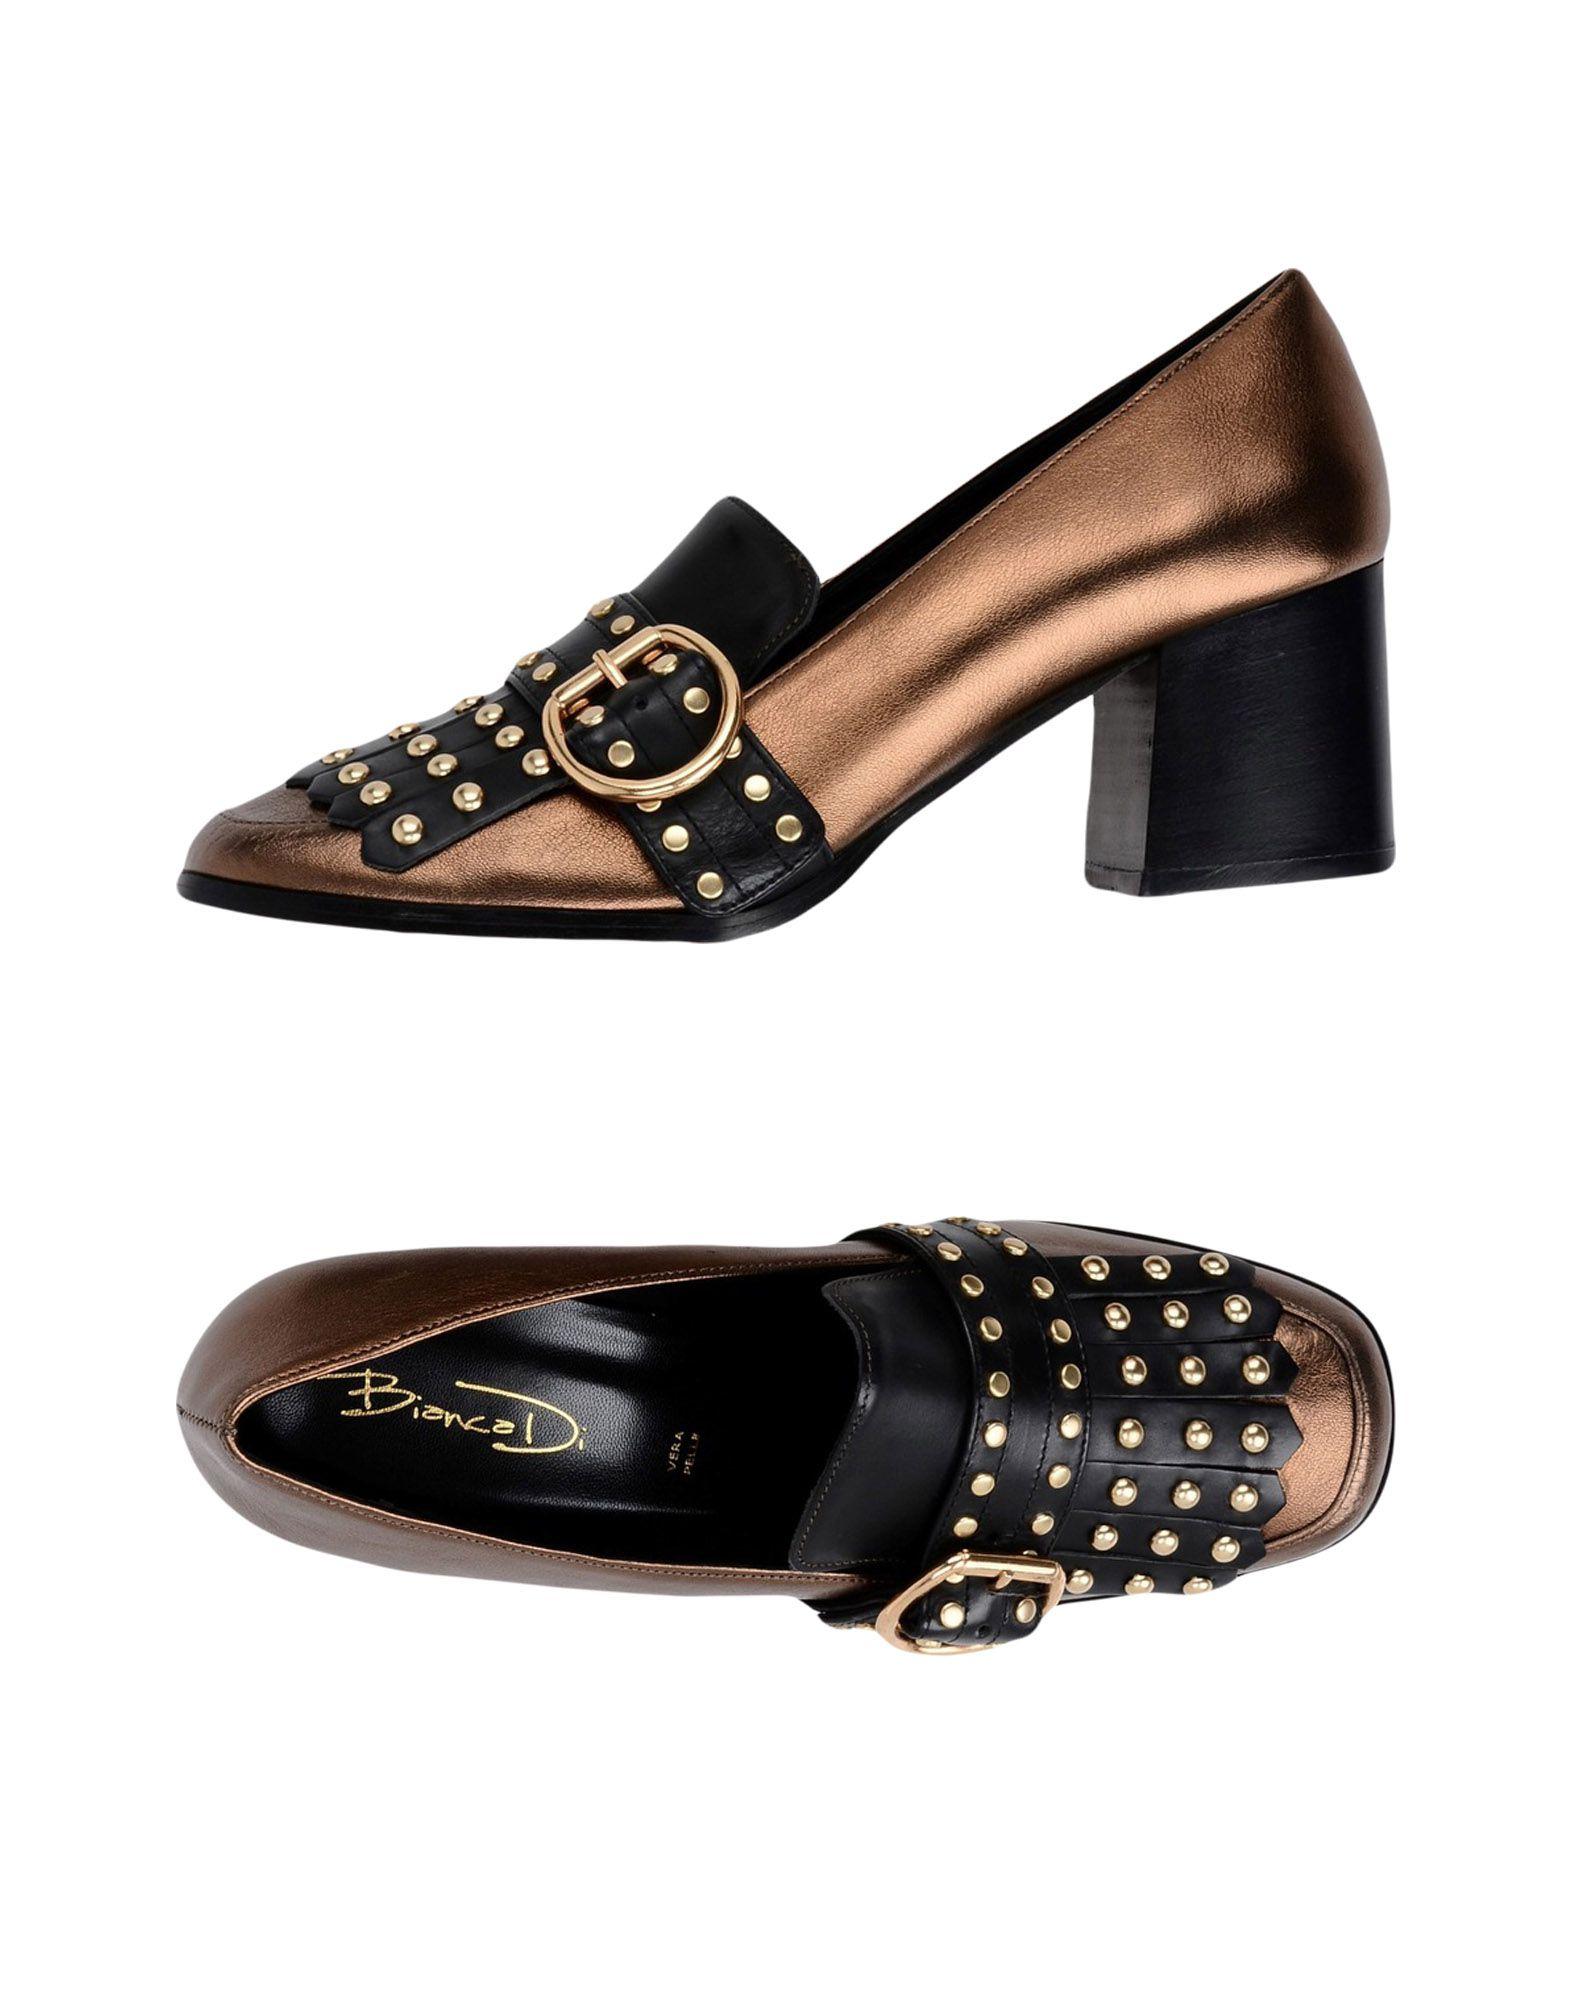 Bianca Di Mokassins Damen  11327163OO Gute Qualität beliebte Schuhe